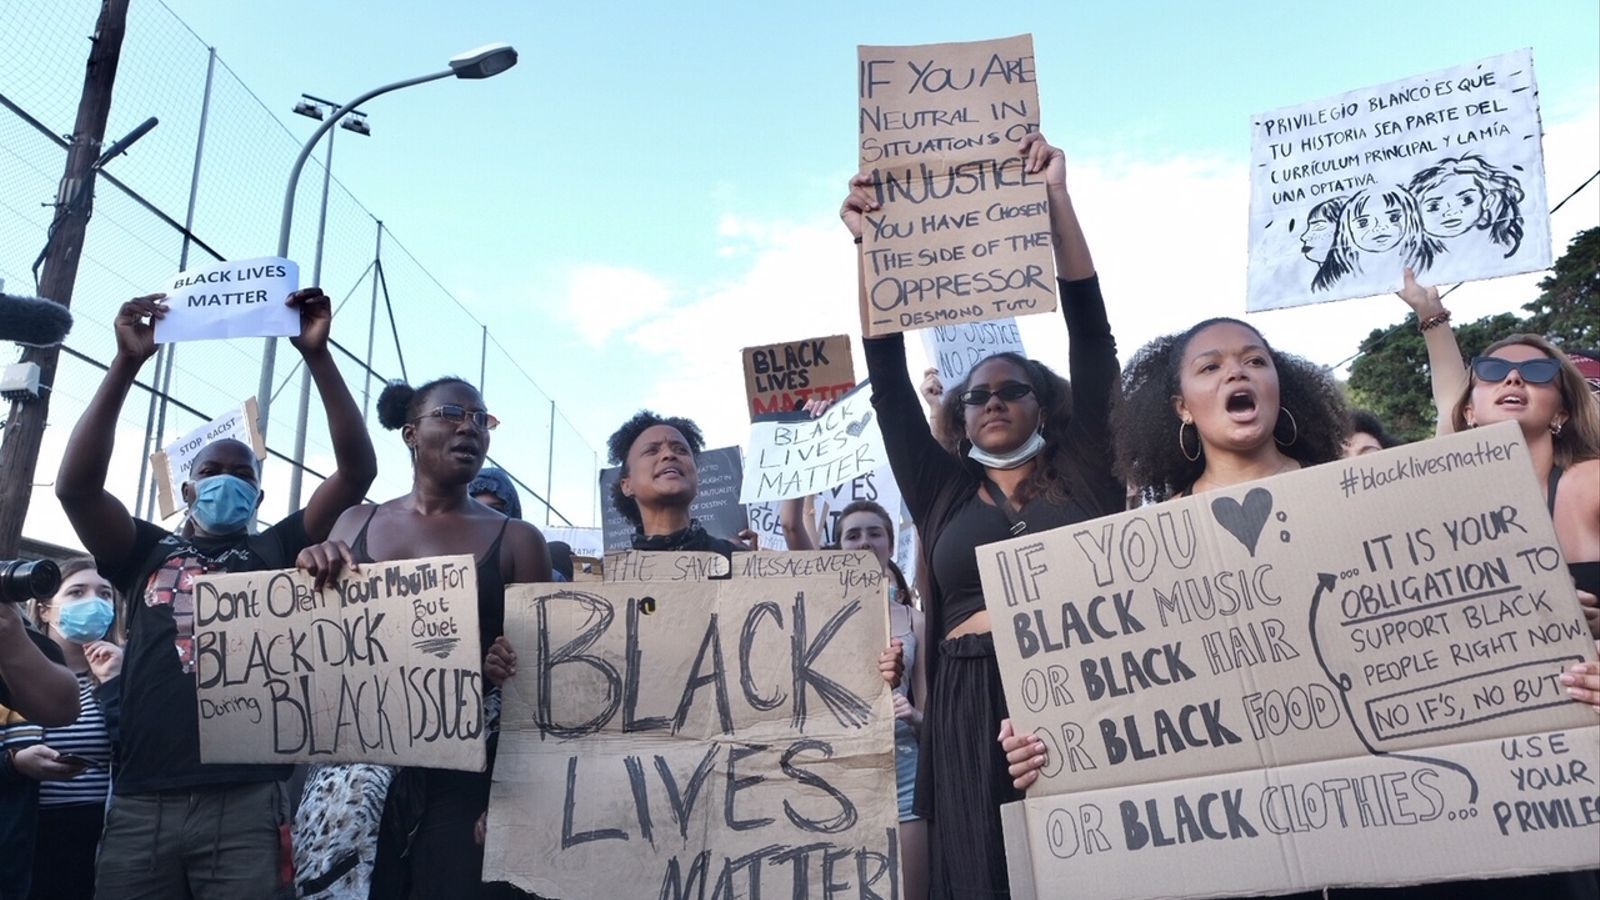 El lema que més s'ha repetit ha sigut 'Black lives matter': en català, 'Les vides negres són importants'